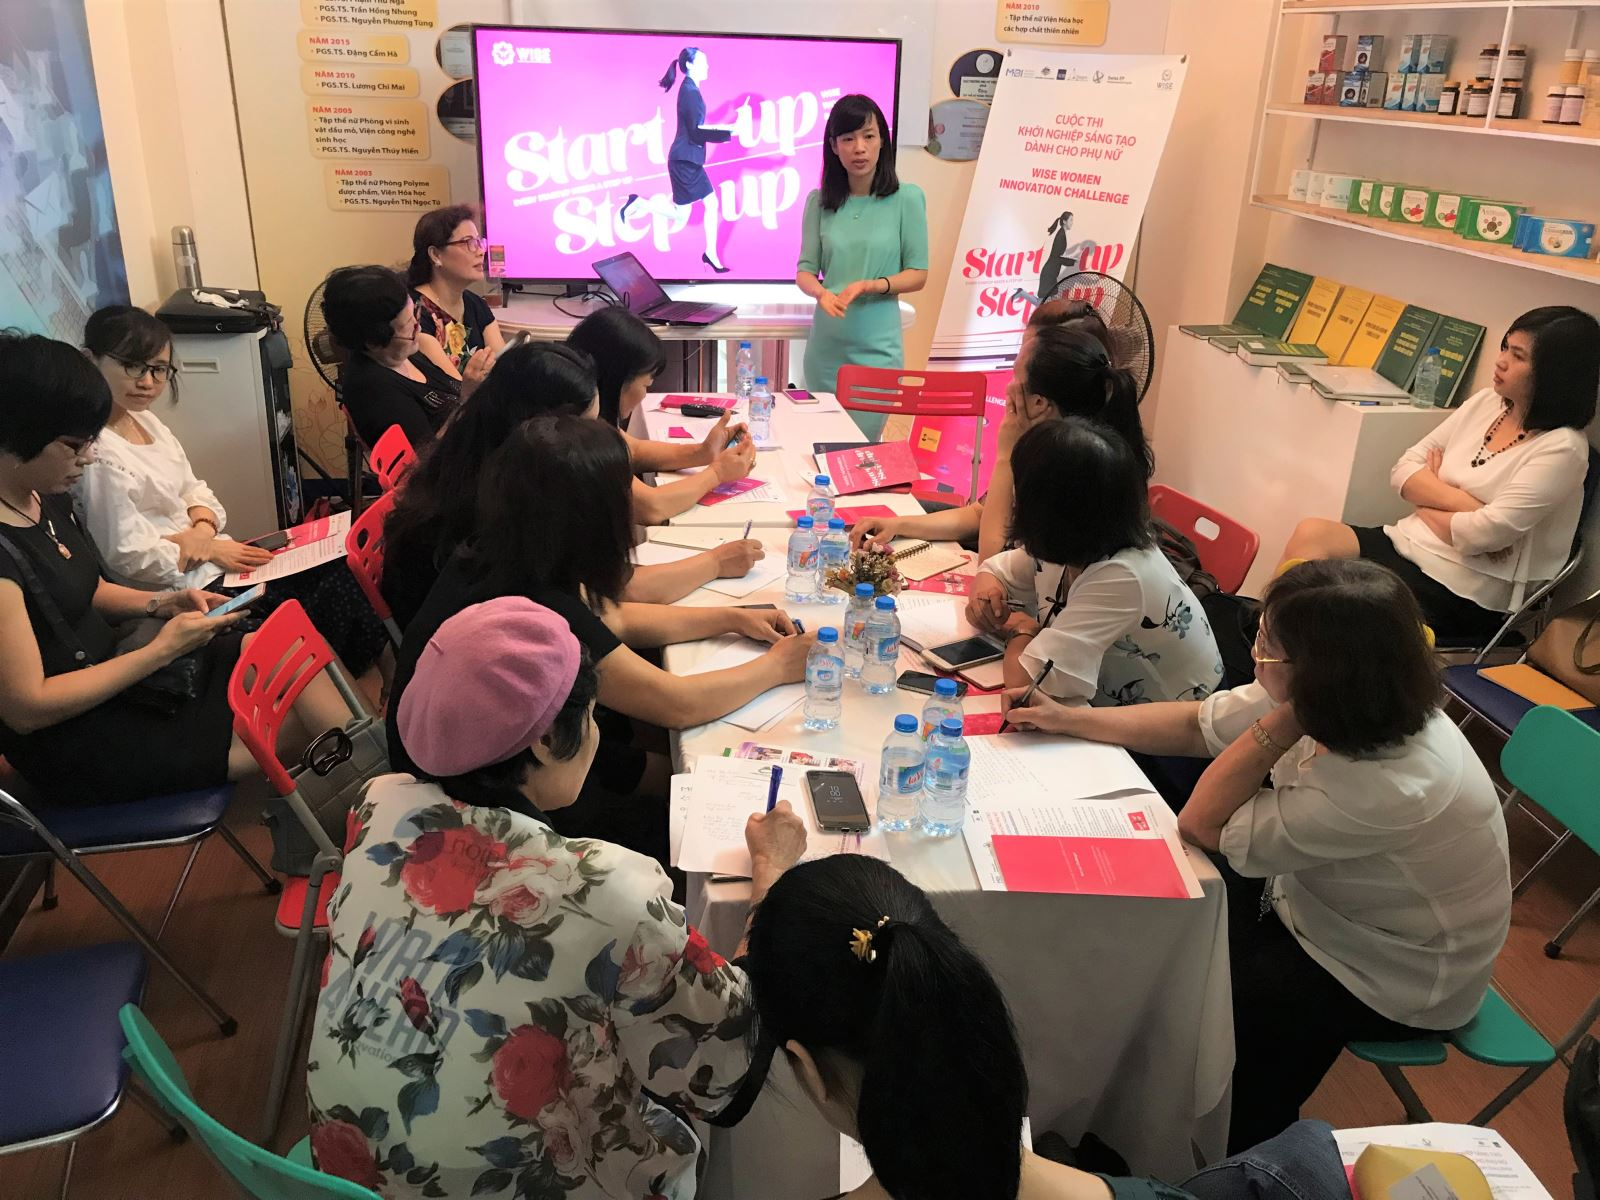 Buổi giới thiệu cuộc thi Khởi nghiệp đổi mới sáng tạo dành cho phụ nữ (WISE Women Innovation Challenge).